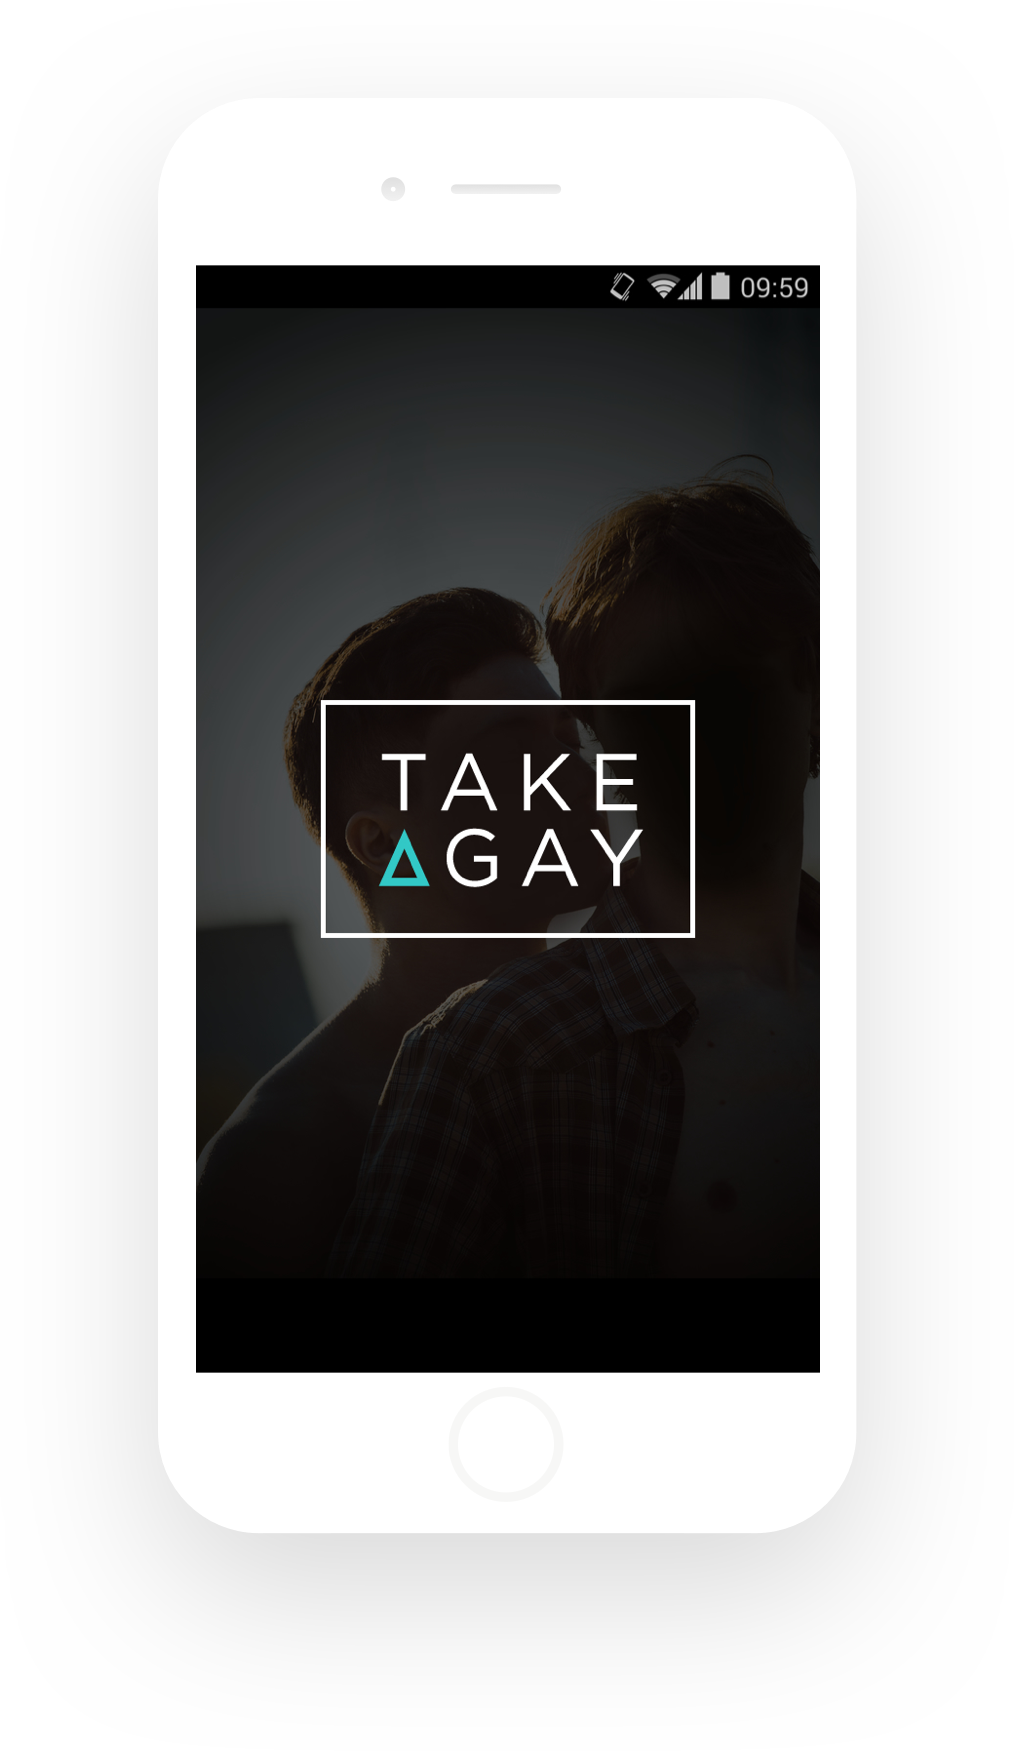 Diseño app movil Takeagay